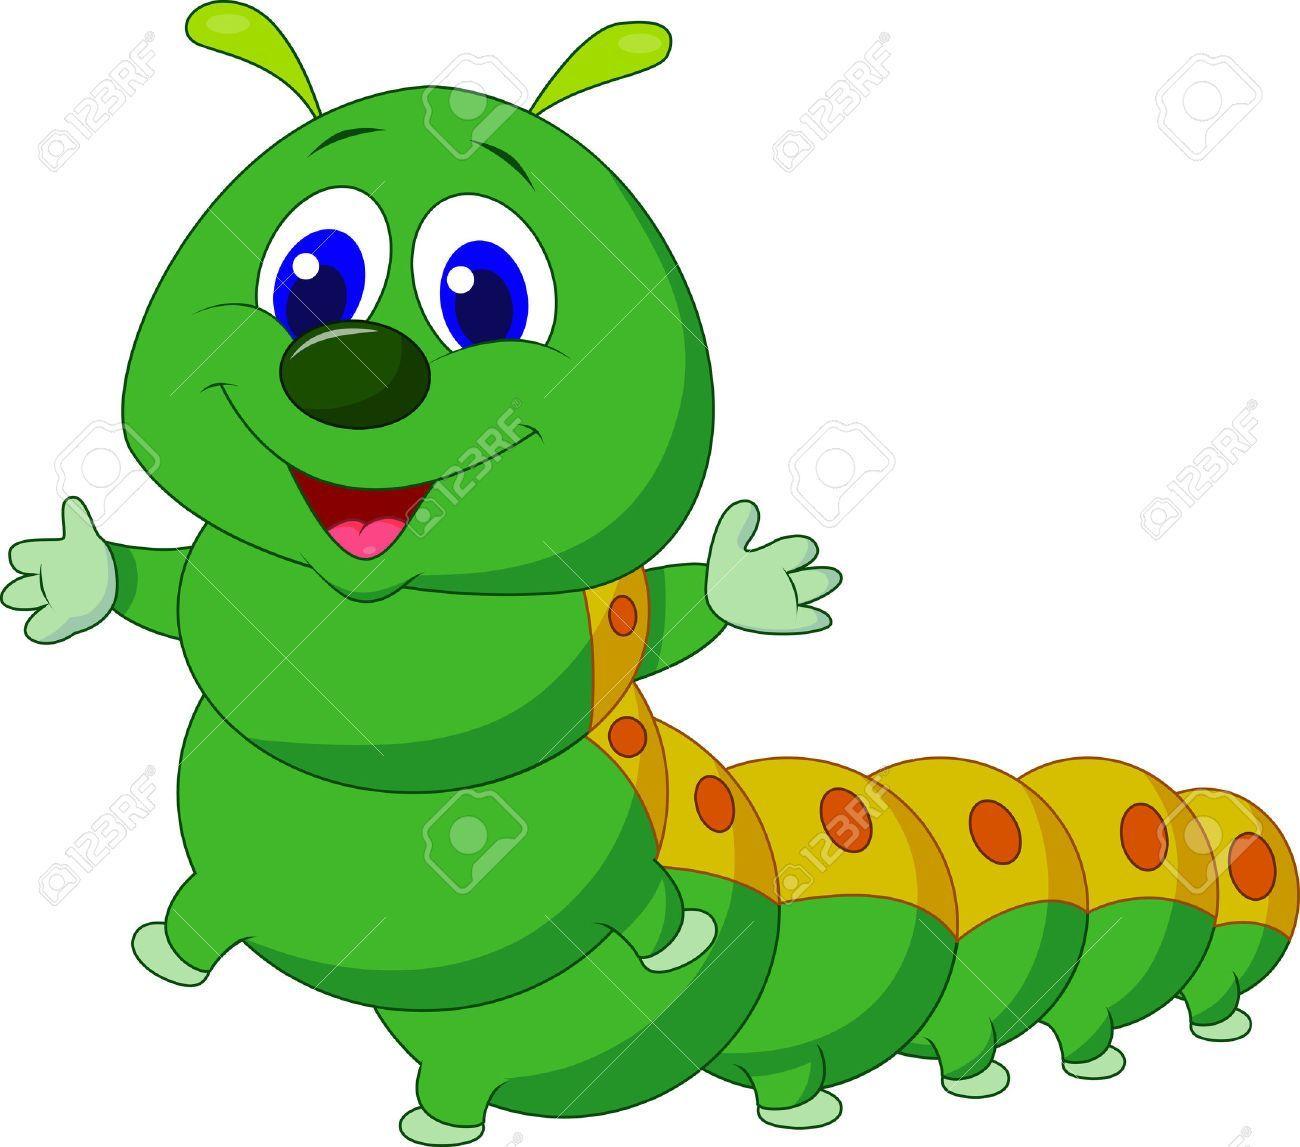 Caterpillar face clipart 2 » Clipart Portal.